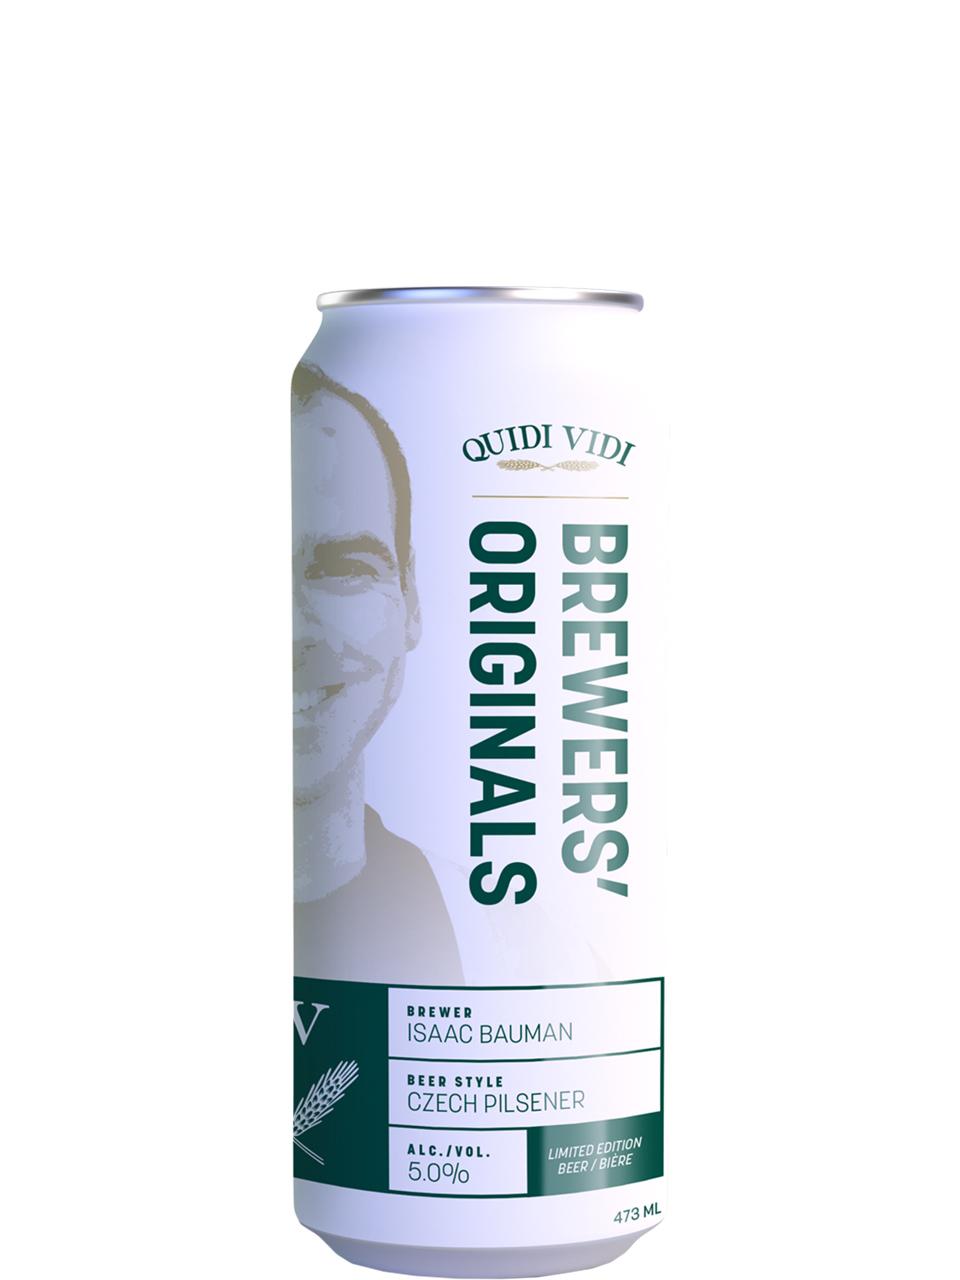 Quidi Vidi Brewers' Originals Czech Pilsener 473ml